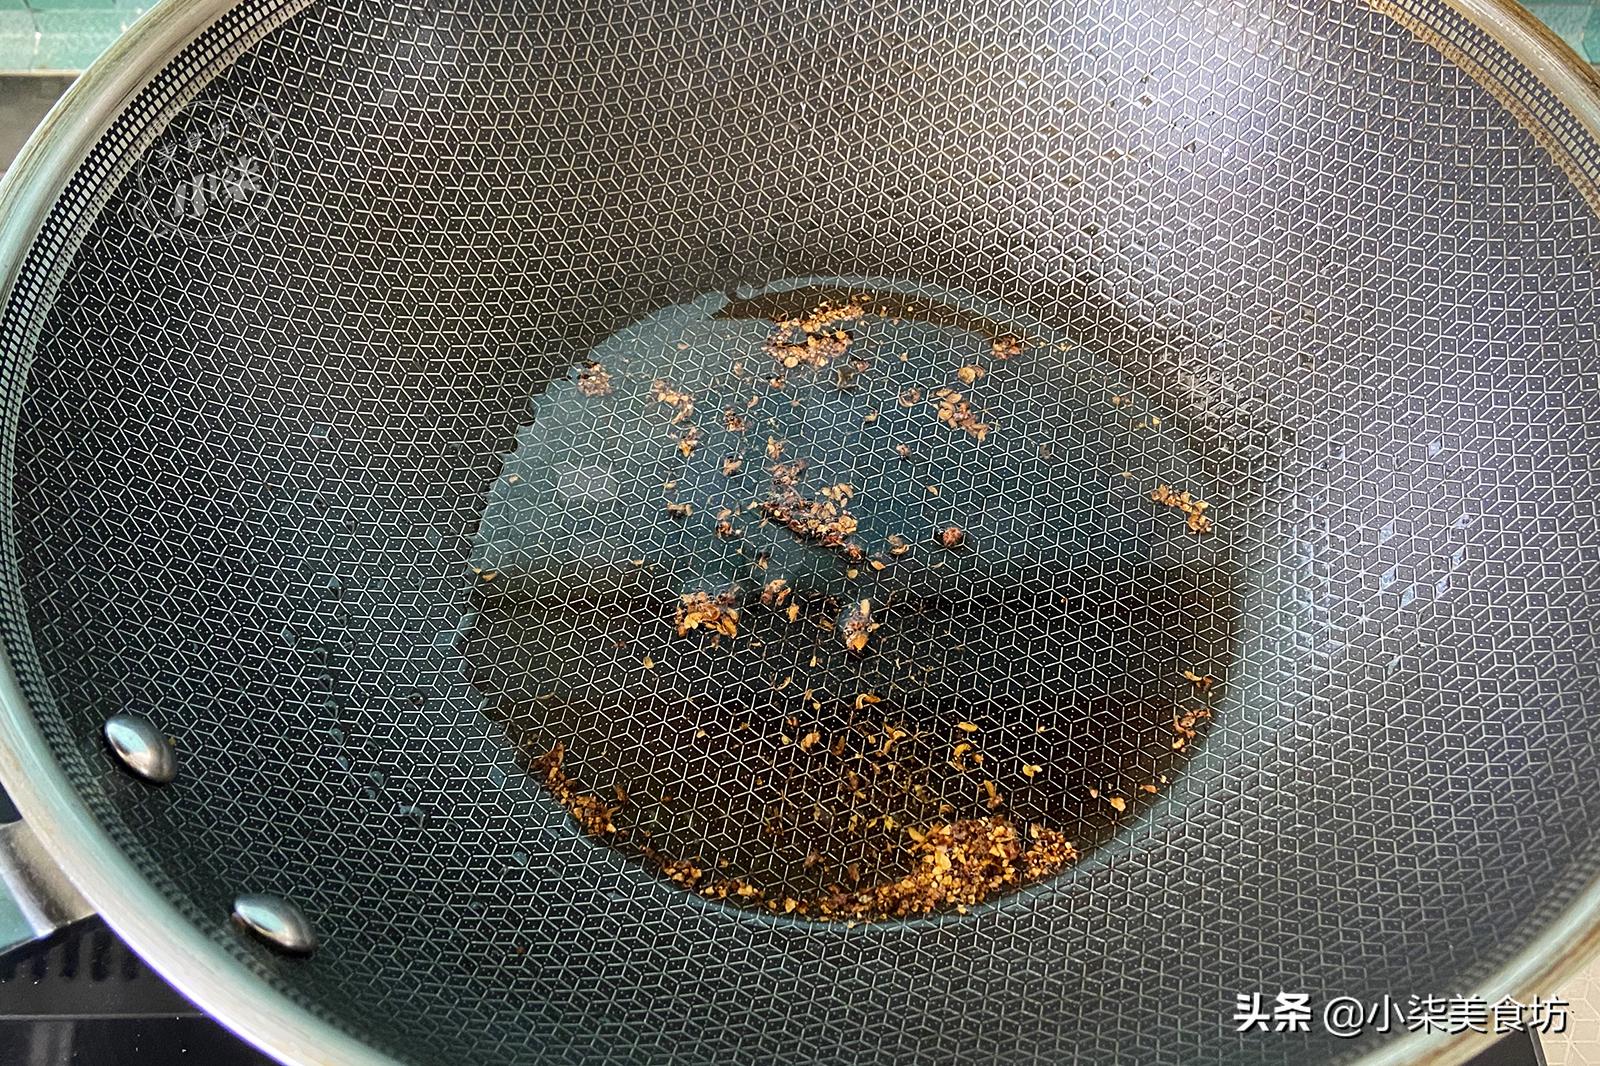 春天記得多吃這菜,2元一斤維C含量高,切片一蒸澆點料汁,味道好